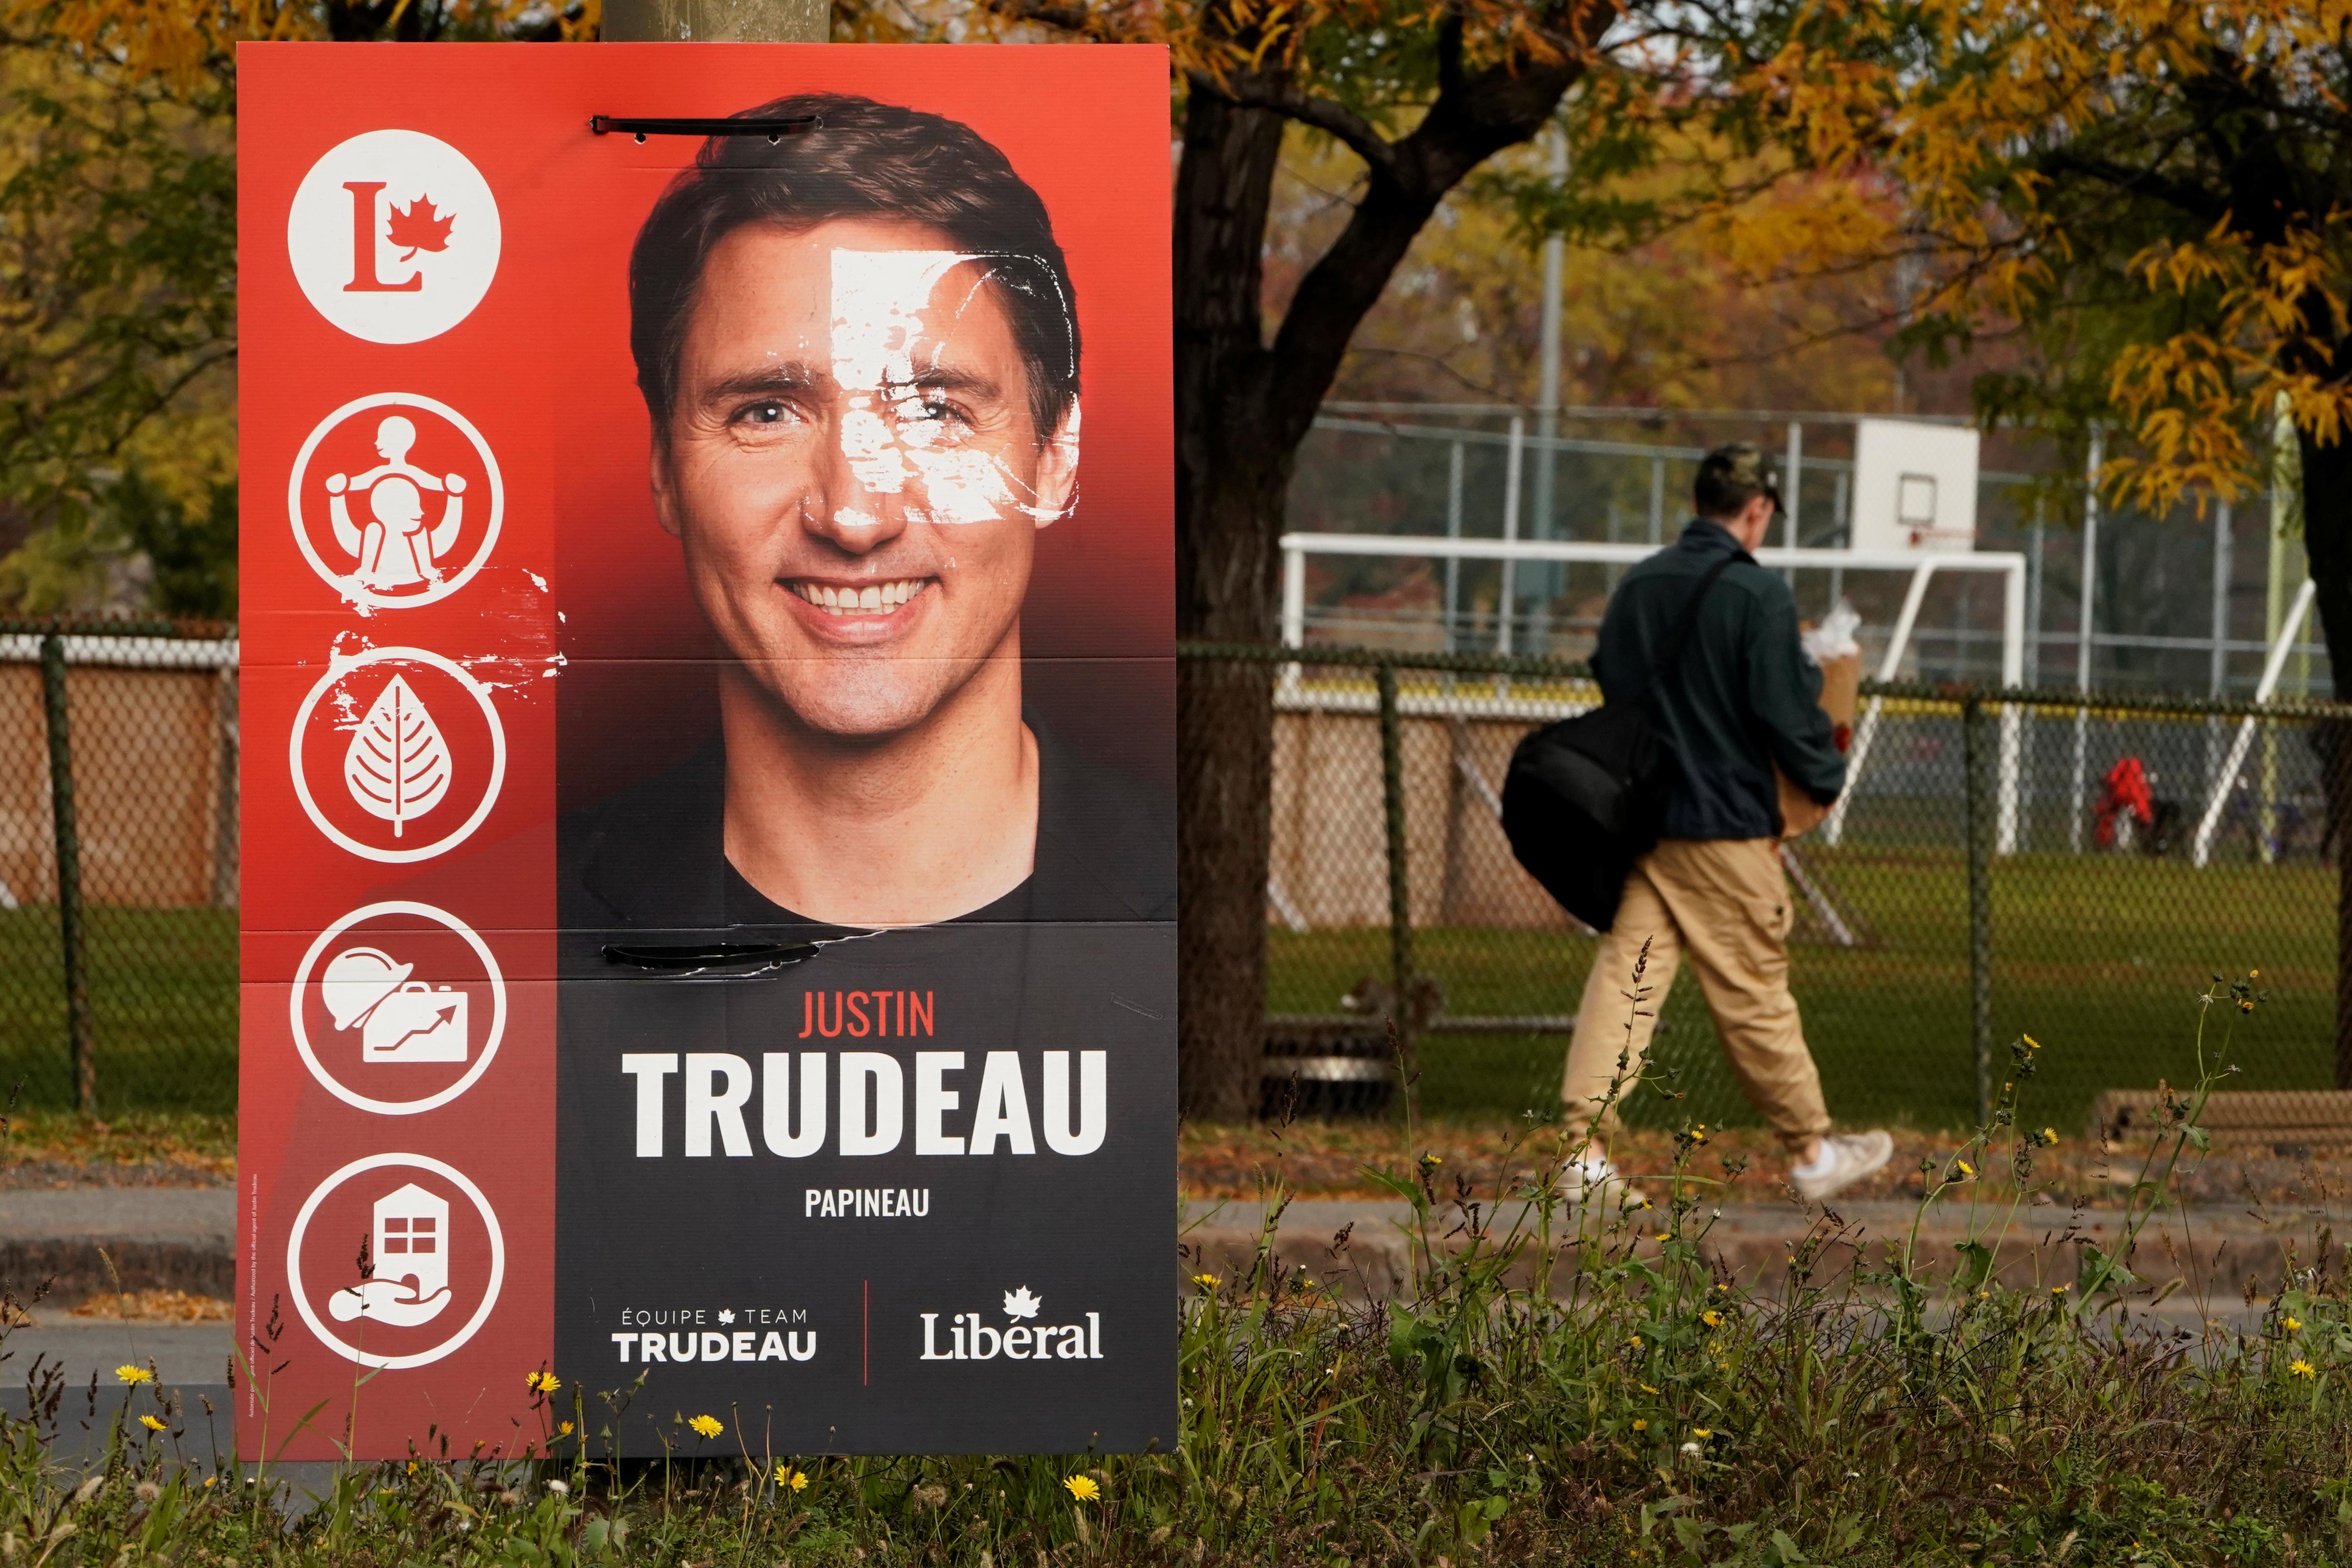 Σήμερα «κληρώνει» για Τριντό - Στις κάλπες οι Καναδοί - Ντέρμπι δείχνουν οι δημοσκοπήσεις